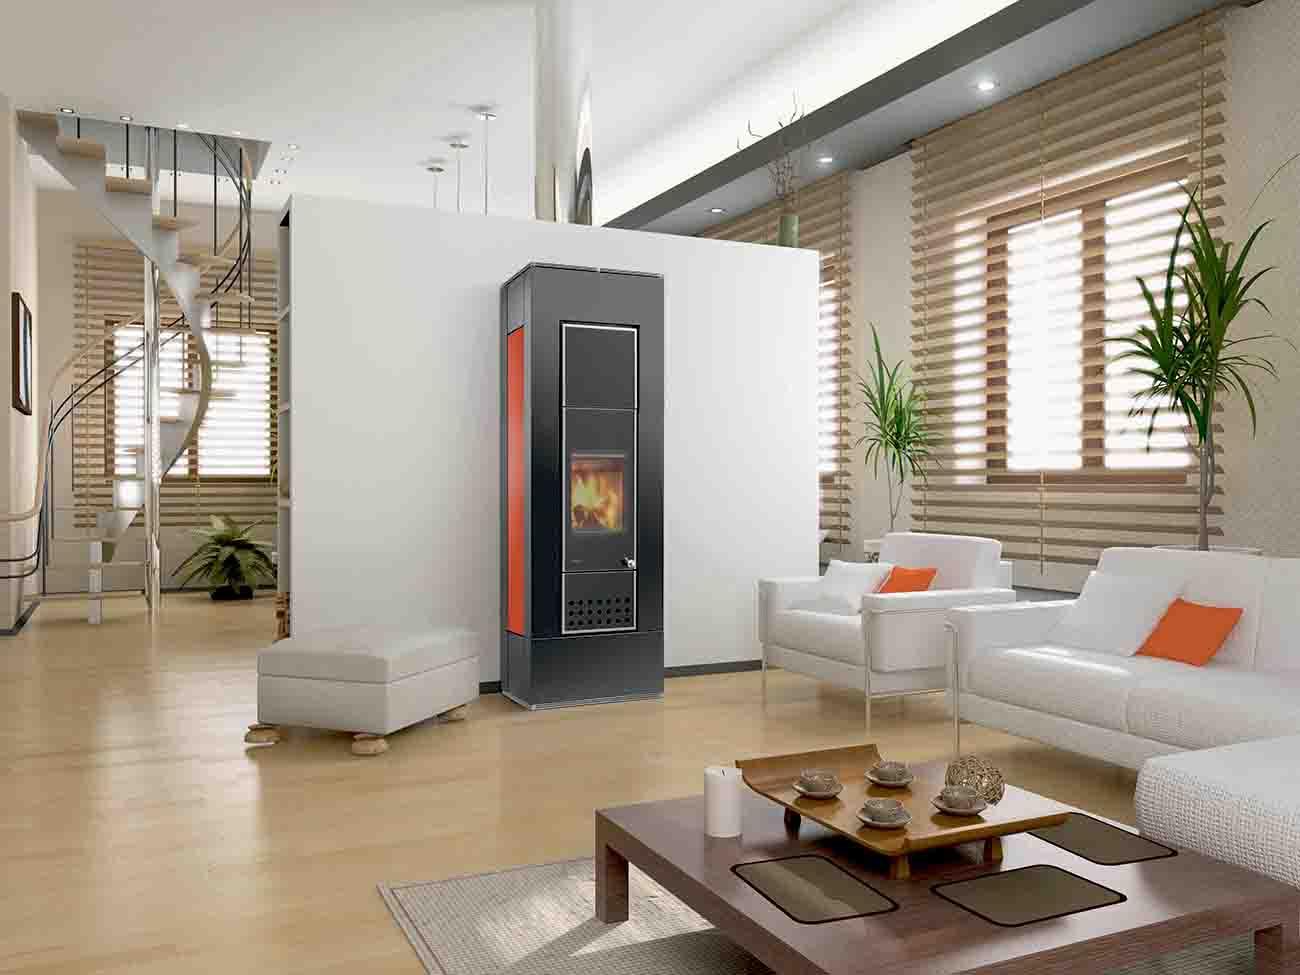 po le bois lohberger aqua insert avec bouilleur atre. Black Bedroom Furniture Sets. Home Design Ideas